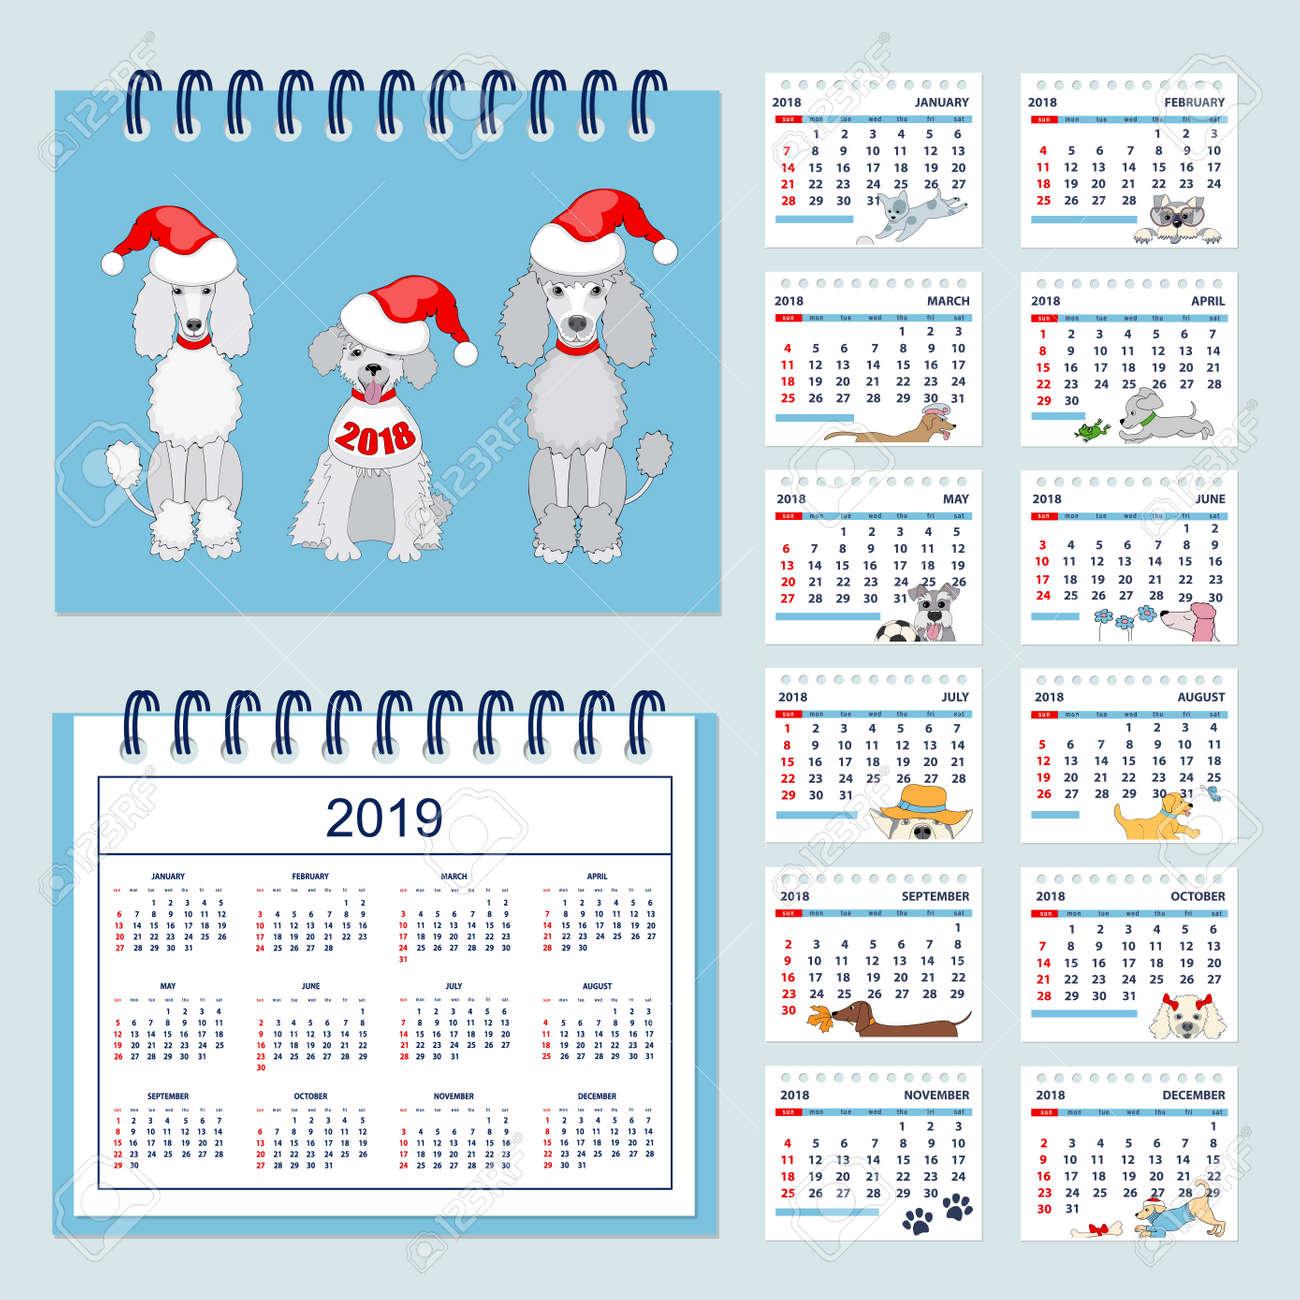 Calendario 2019 Illustrator.Calendario 2019 Para Ninos